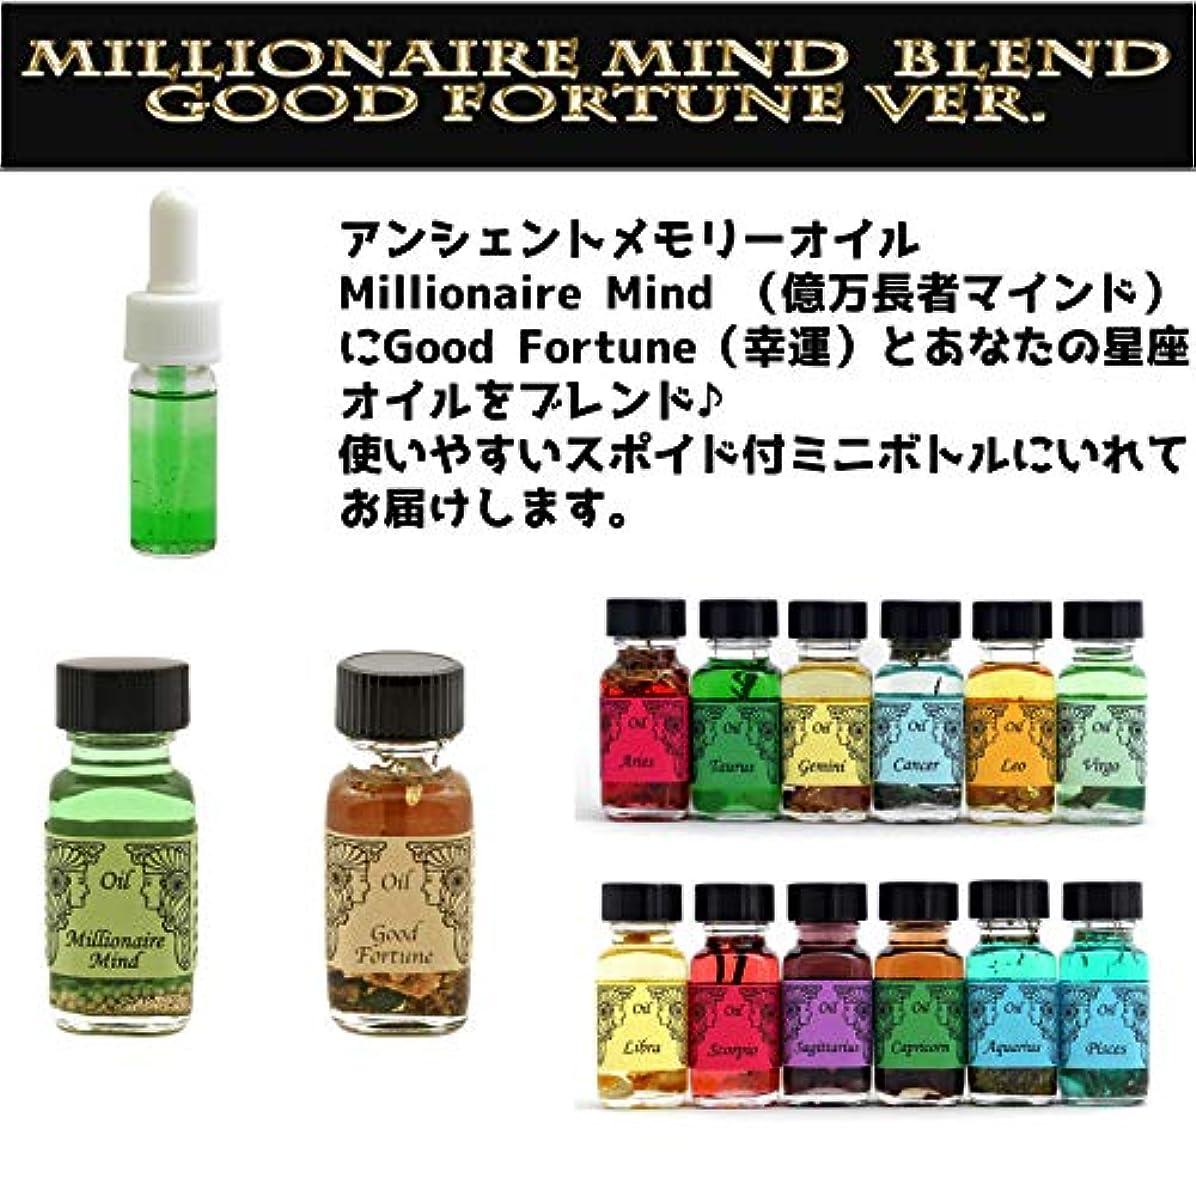 酸化物にやにや主婦アンシェントメモリーオイル Millionaire Mind 億万長者マインド ブレンド【Good Fortune グッドフォーチュン 幸運&おひつじ座】